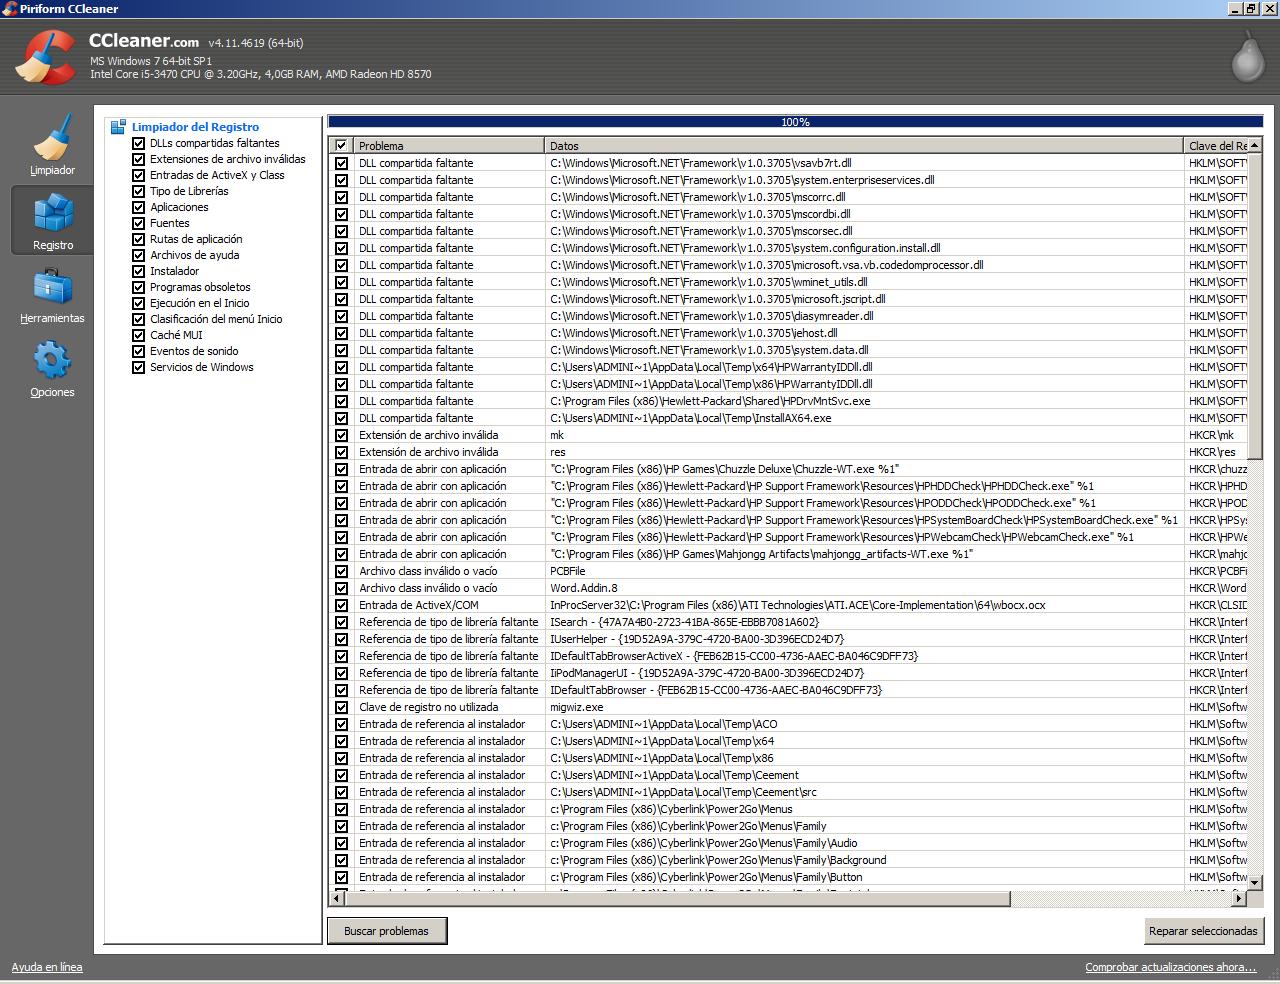 Buscar problemas del registro con CCleaner